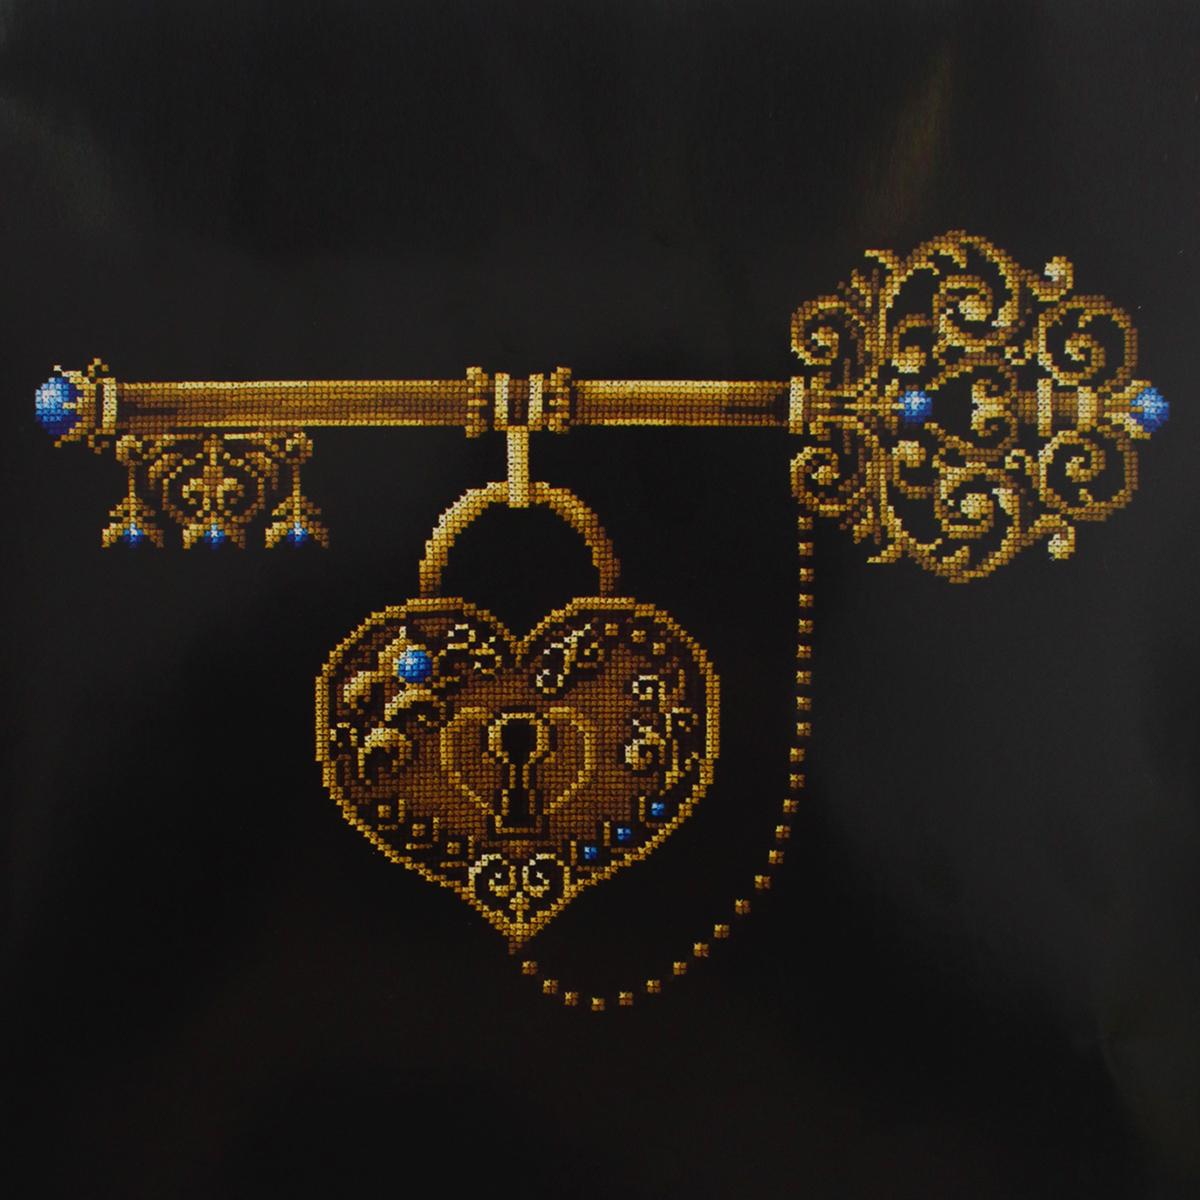 Набор для вышивания крестом Сделай своими руками Ключ счастья, 26 х 35 см набор для вышивания крестом сделай своими руками ключ счастья 26 х 35 см